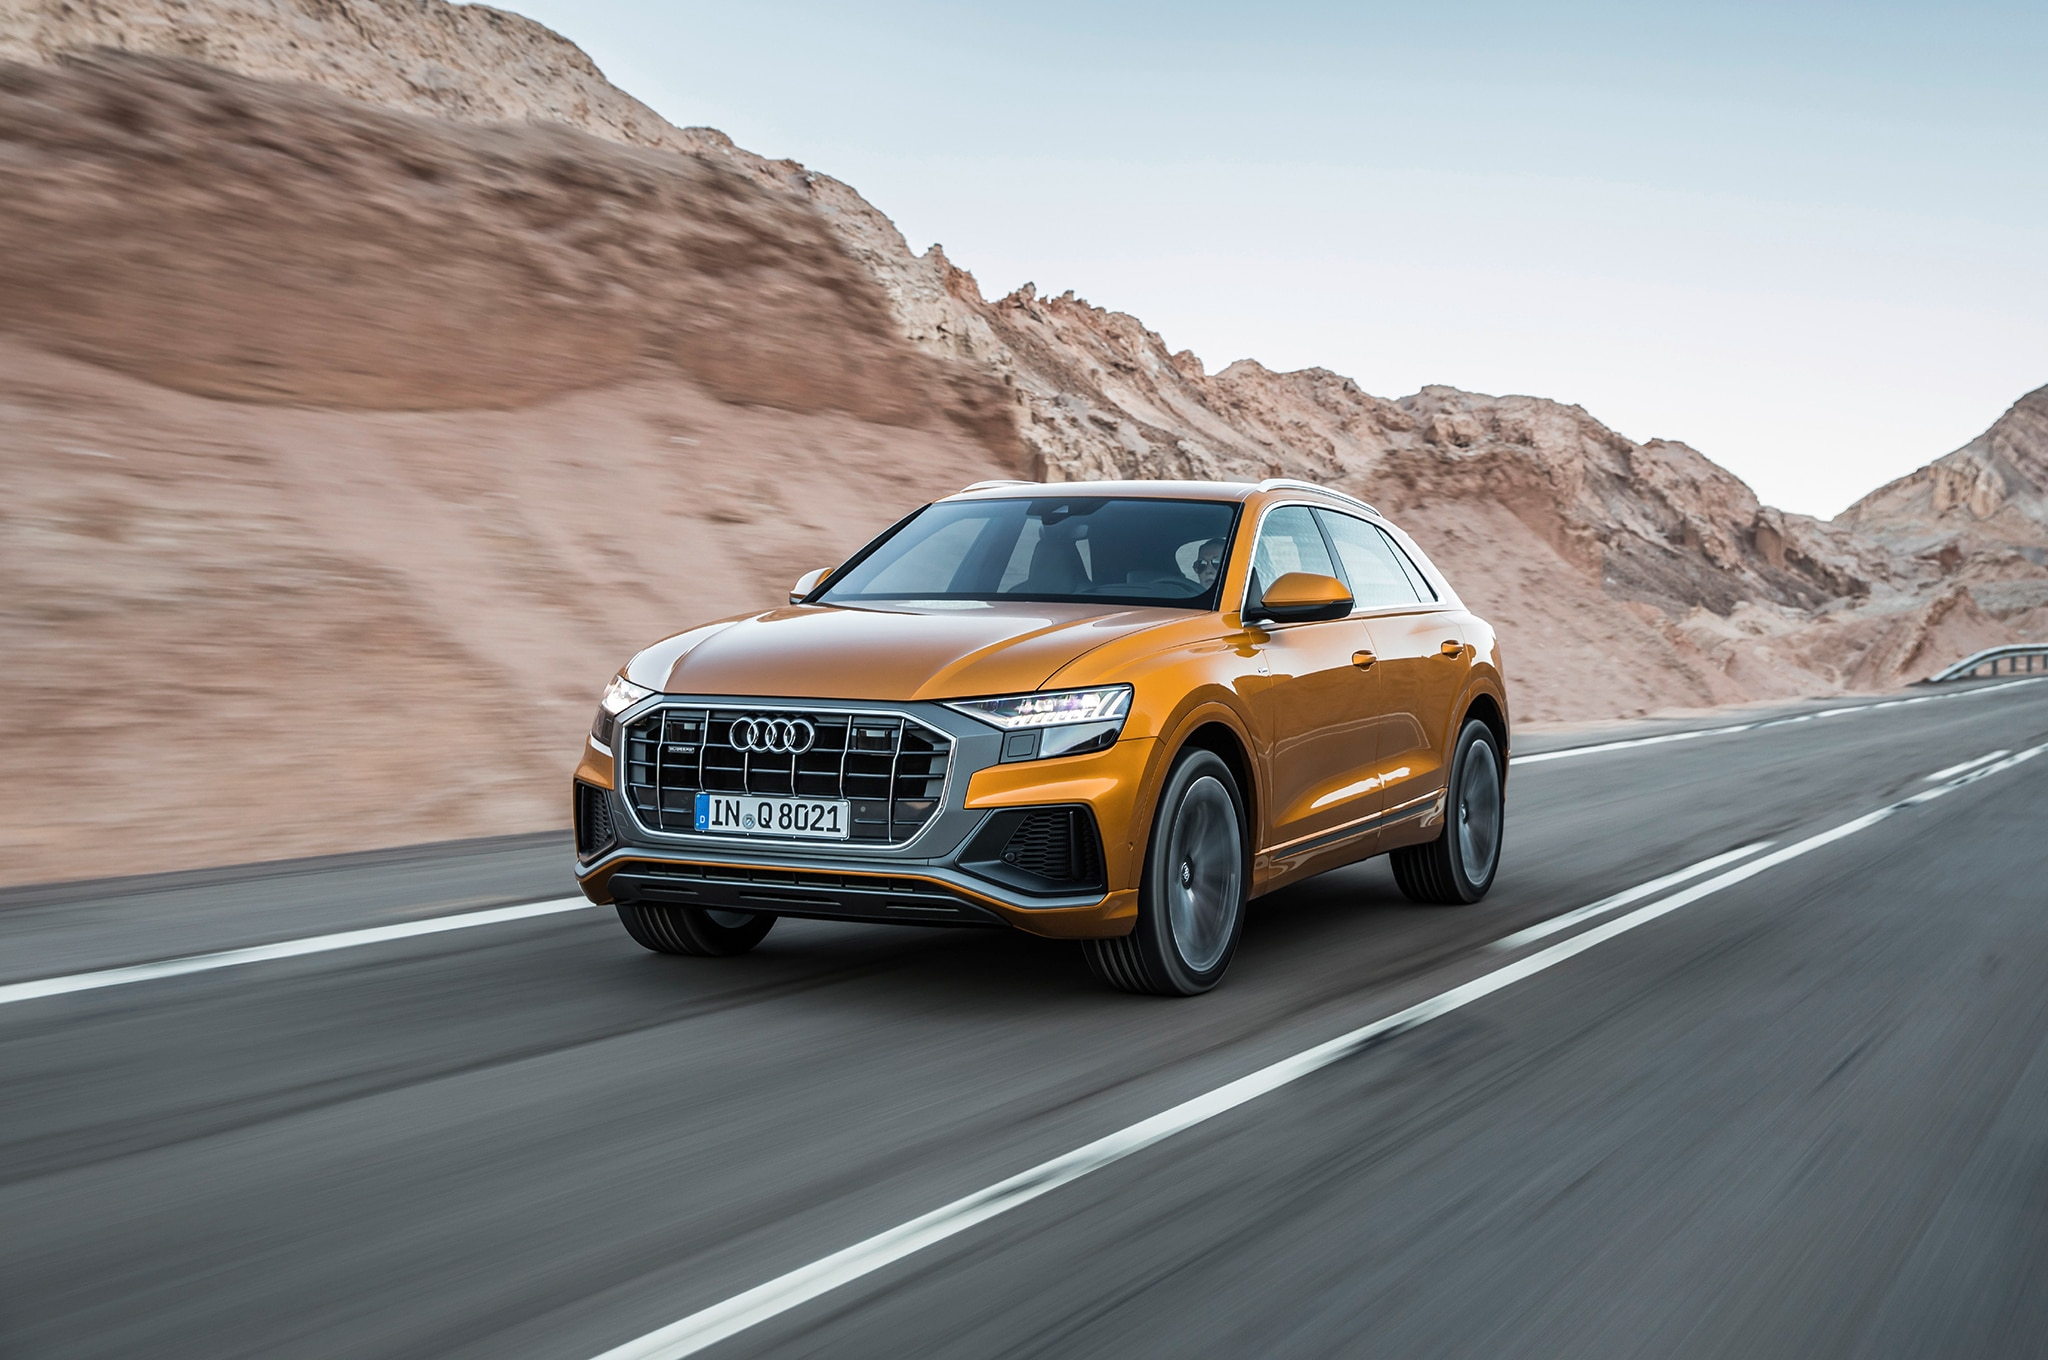 2019 Audi Q8 First Drive Review | Automobile Magazine Audi Q on audi nascar, audi a11, audi r18, audi sign, audi calamaro, audi a2, audi scorpion, audi advertisement, audi q6, audi r11, audi a9, audi r20, audi r9, audi f1, audi v10 engine, audi meme, audi d7, audi s9, audi q11, audi hot rod,